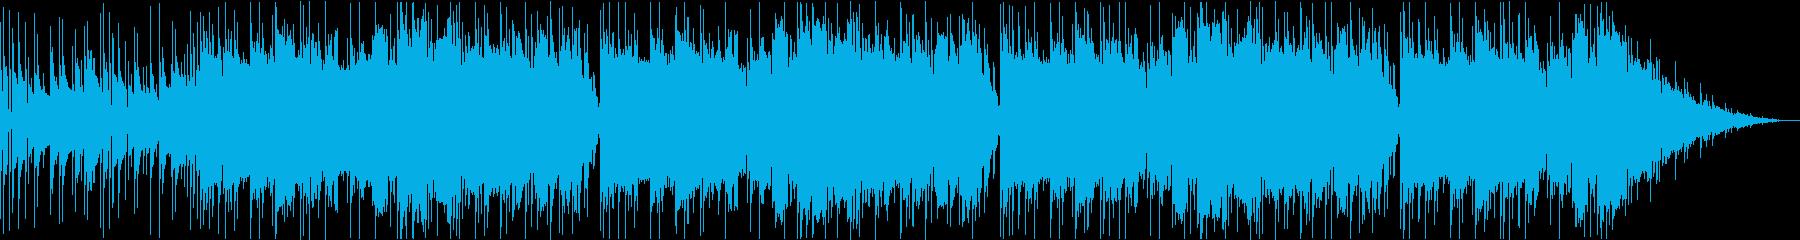 懐かしい雰囲気の和風BGMの再生済みの波形